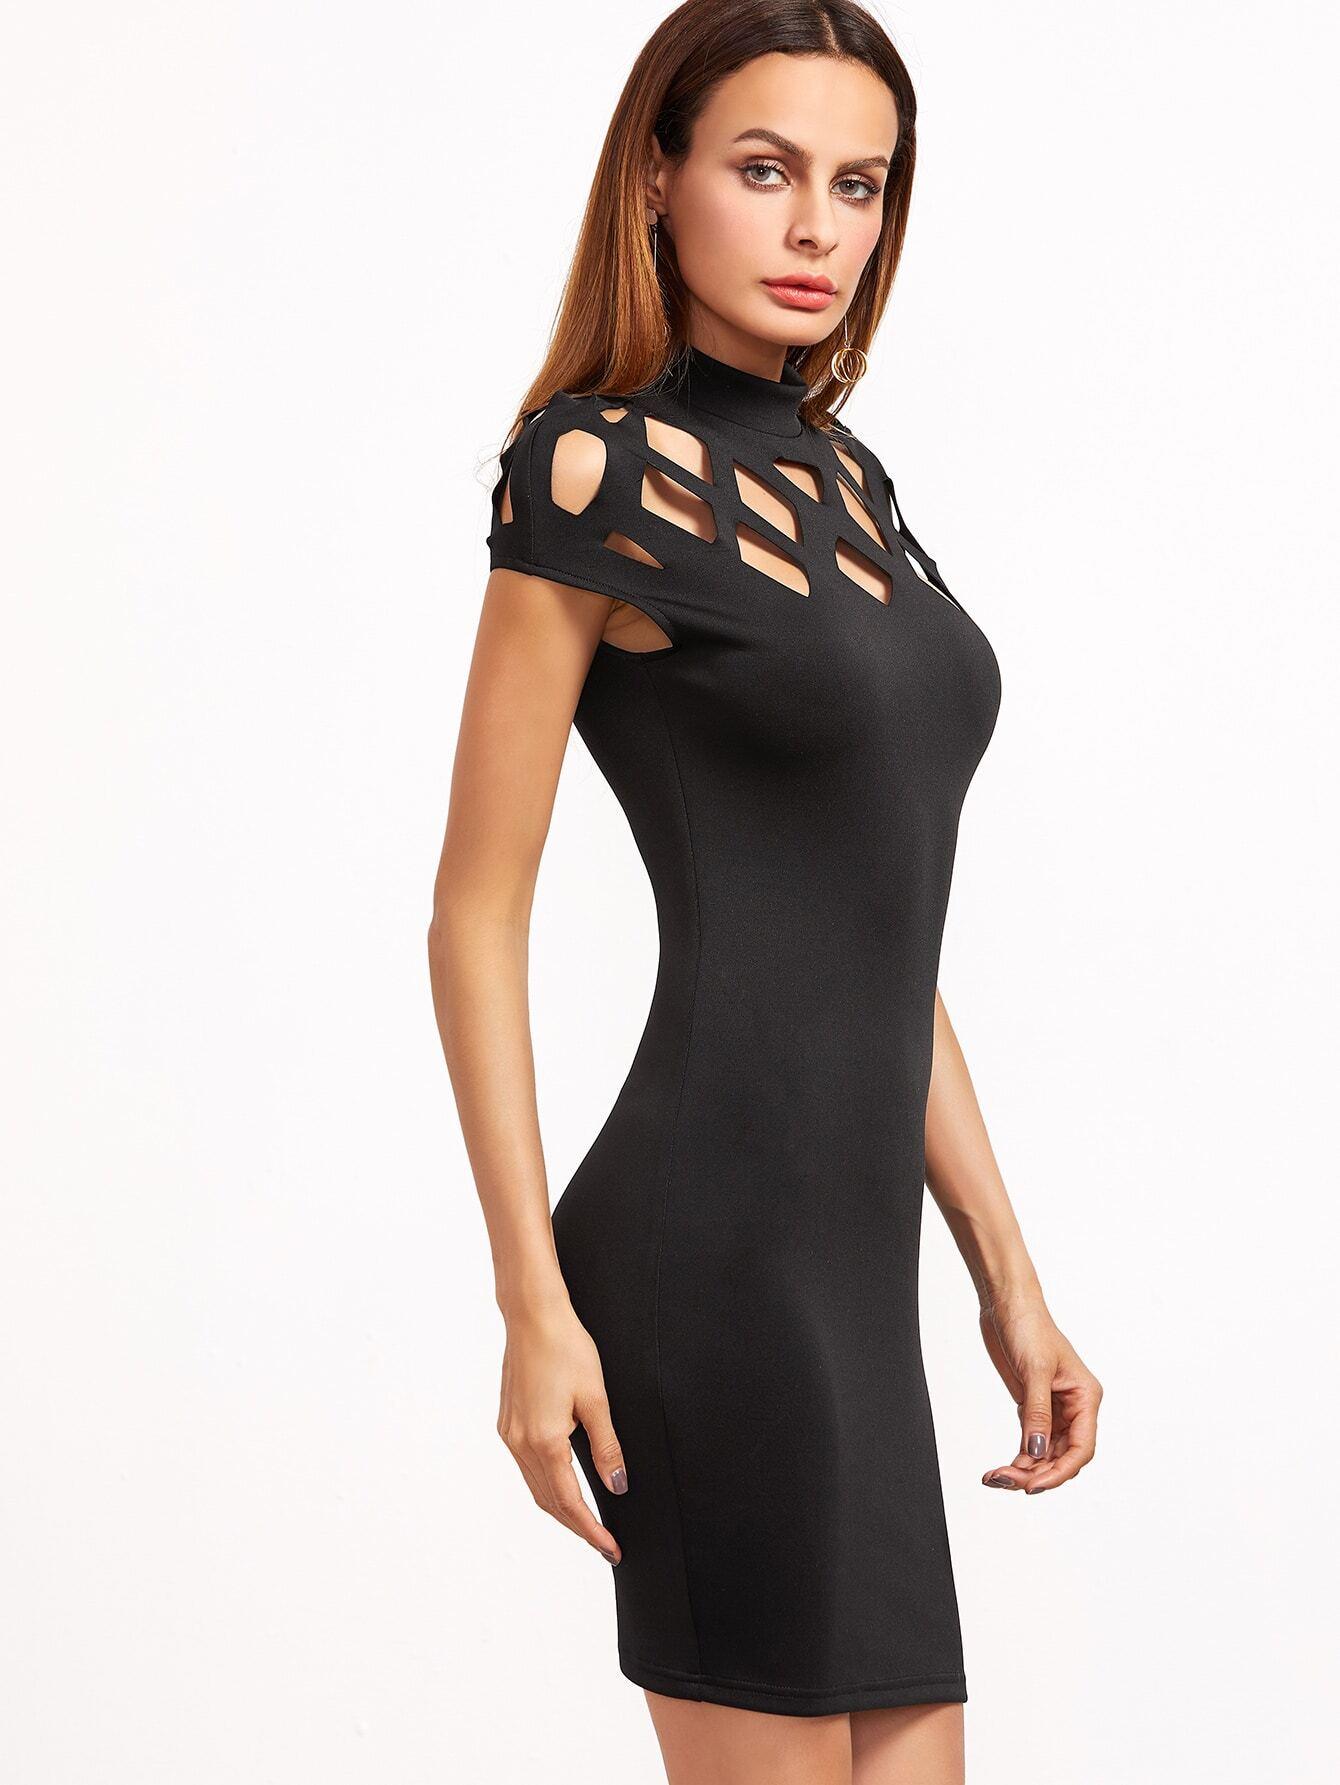 dress161124710_2